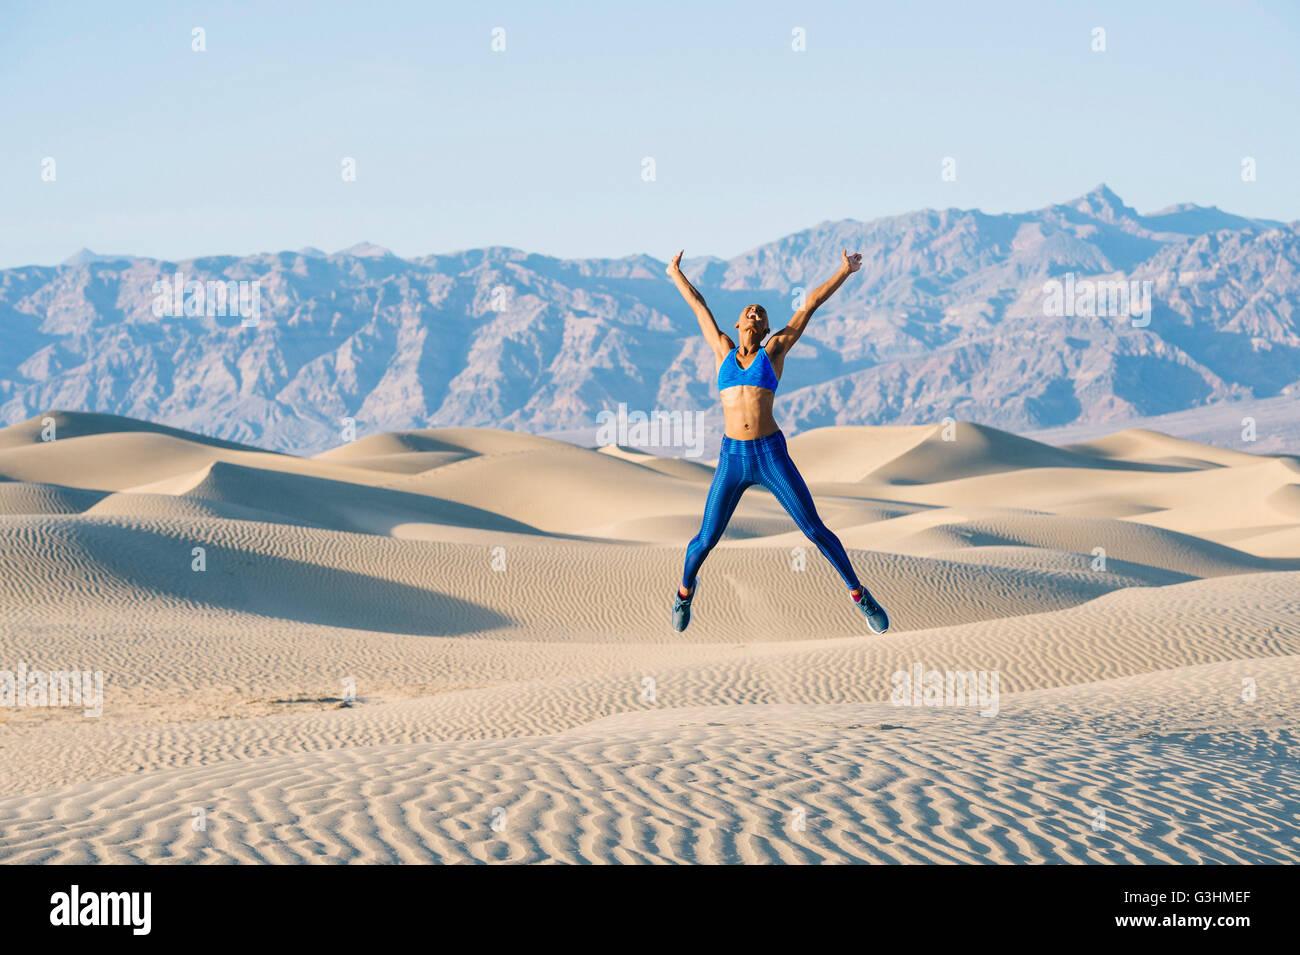 Runner doing star jumps in desert, Death Valley, California, USA - Stock Image